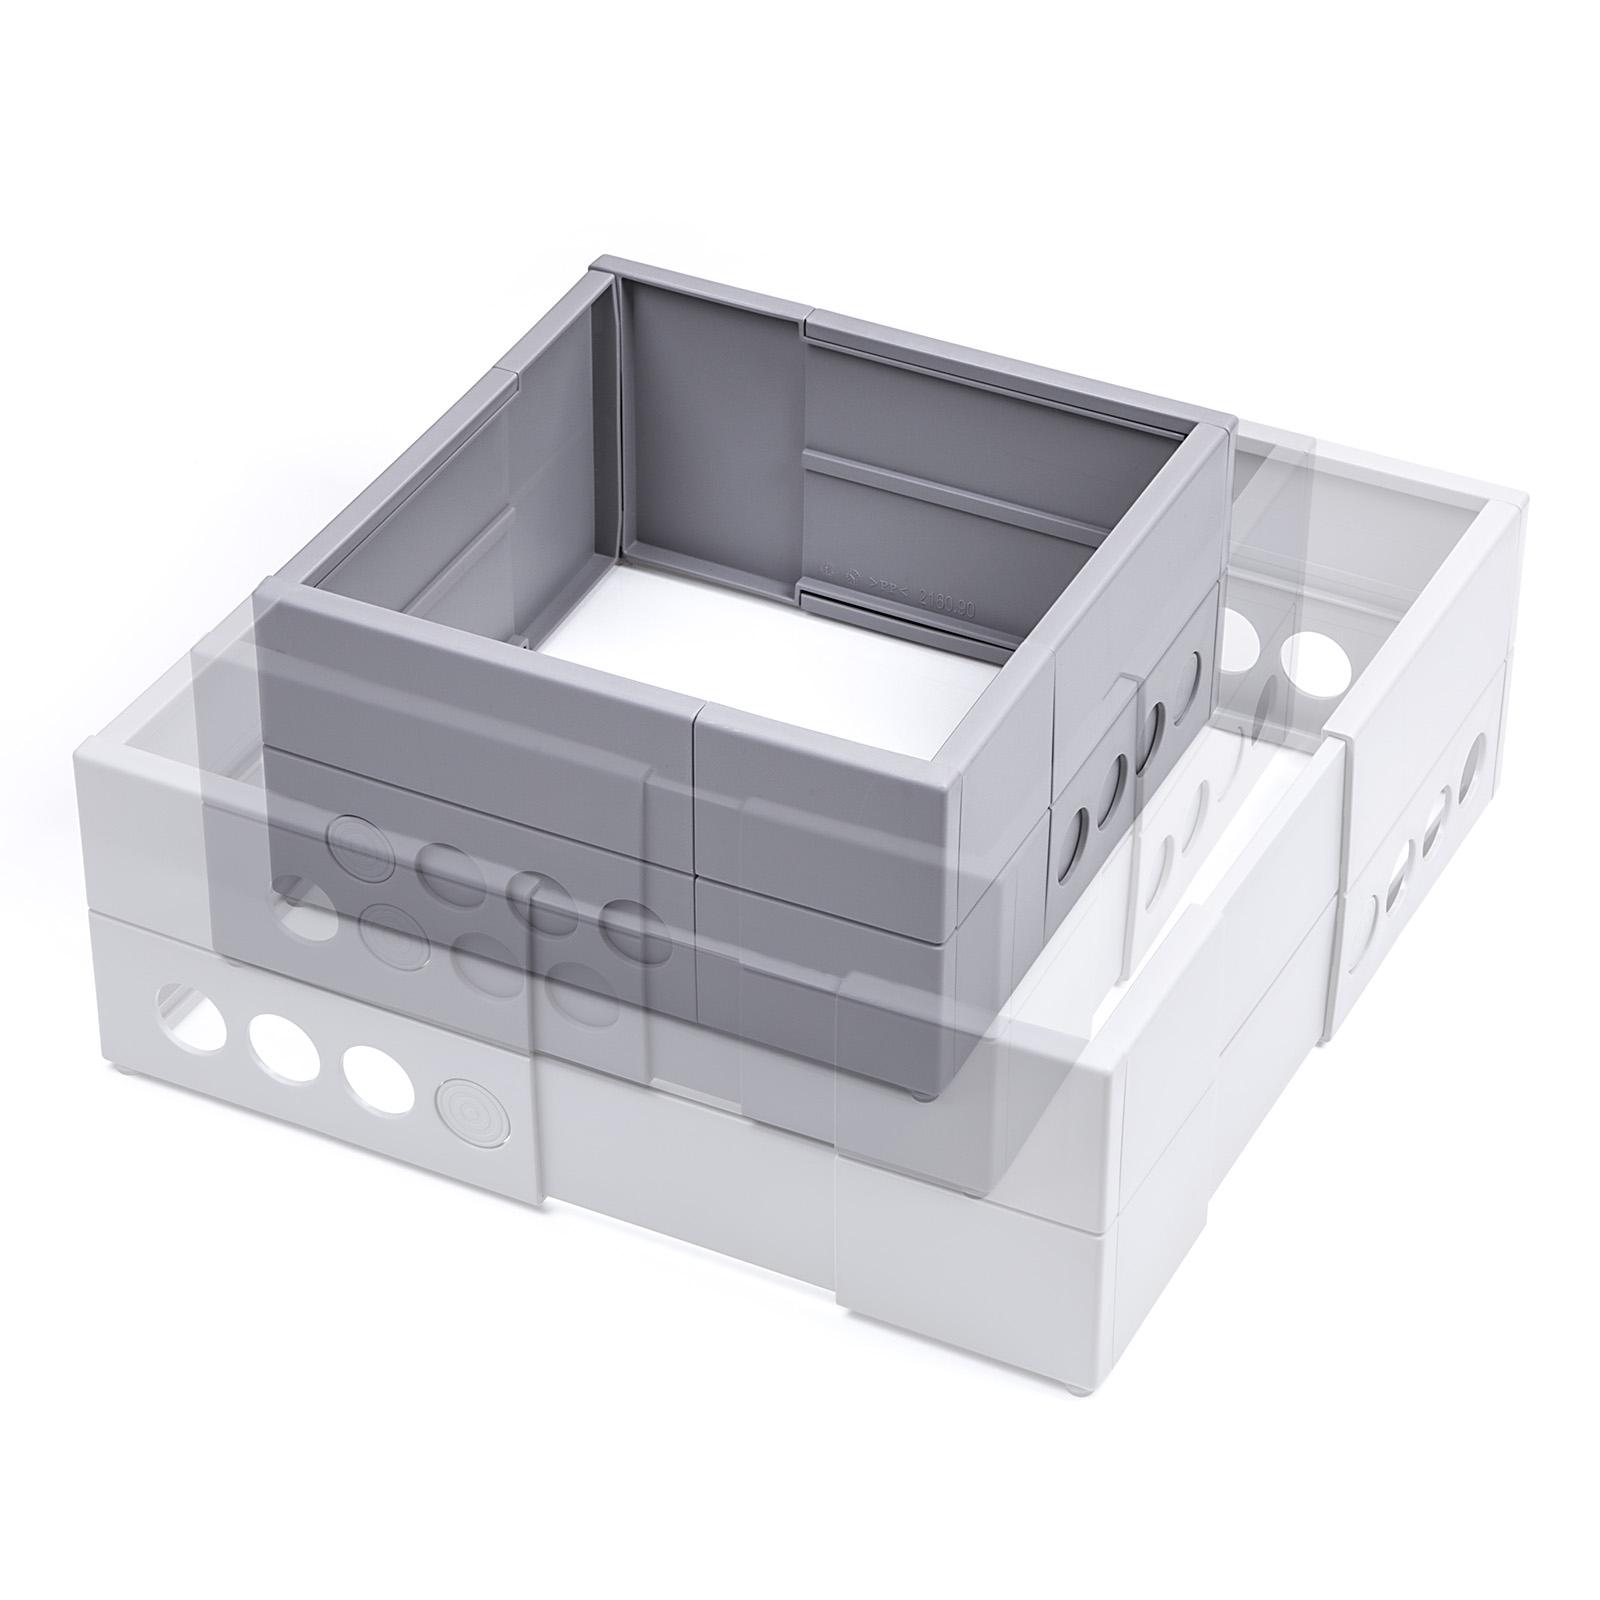 Schubladentrenner k che 2 4 x schubladenteiler for Schubladentrenner kuche